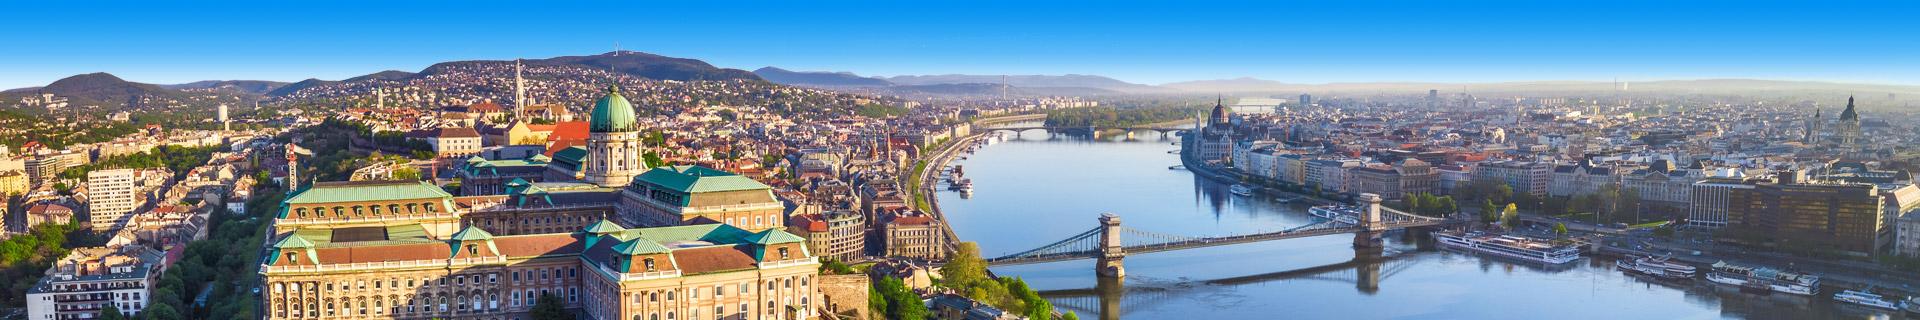 Uitzicht op gebouwen, een brug en rivier in de stad Budapest in Hongarije